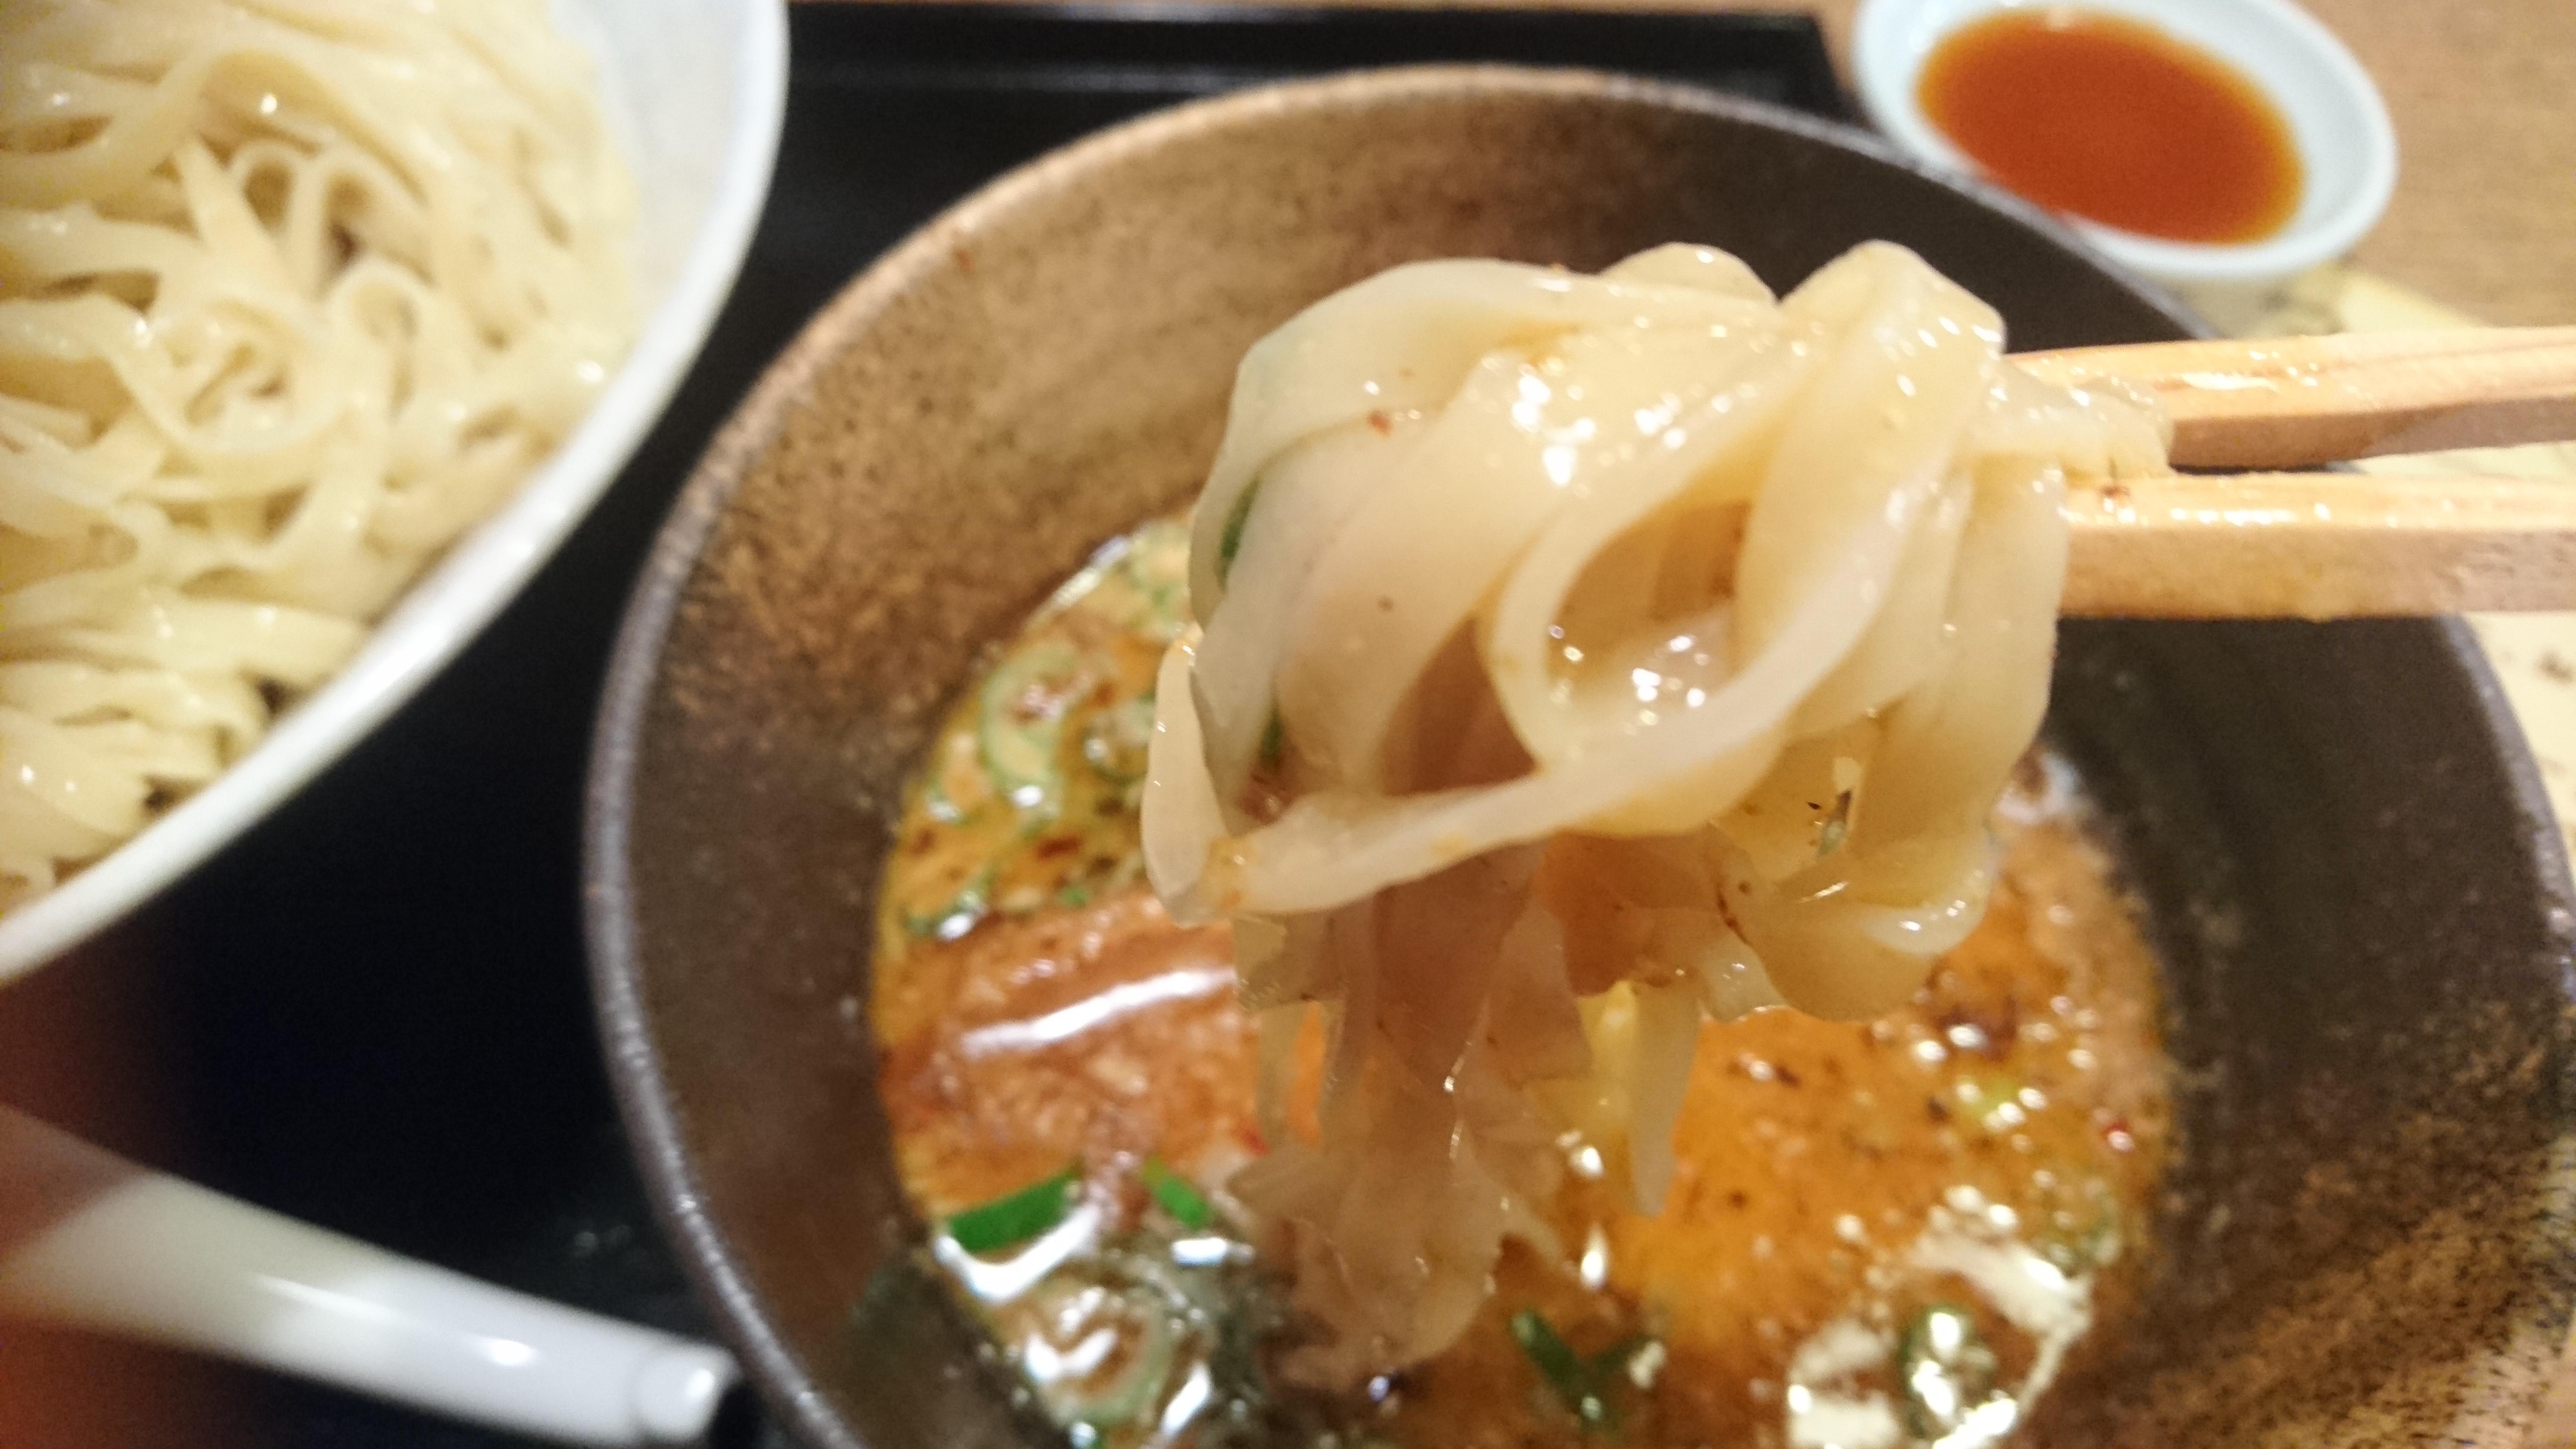 期間限定!大盛りでもペロリといける!?りょう花の「味噌味玉つけ麺」を食べてきたよ!